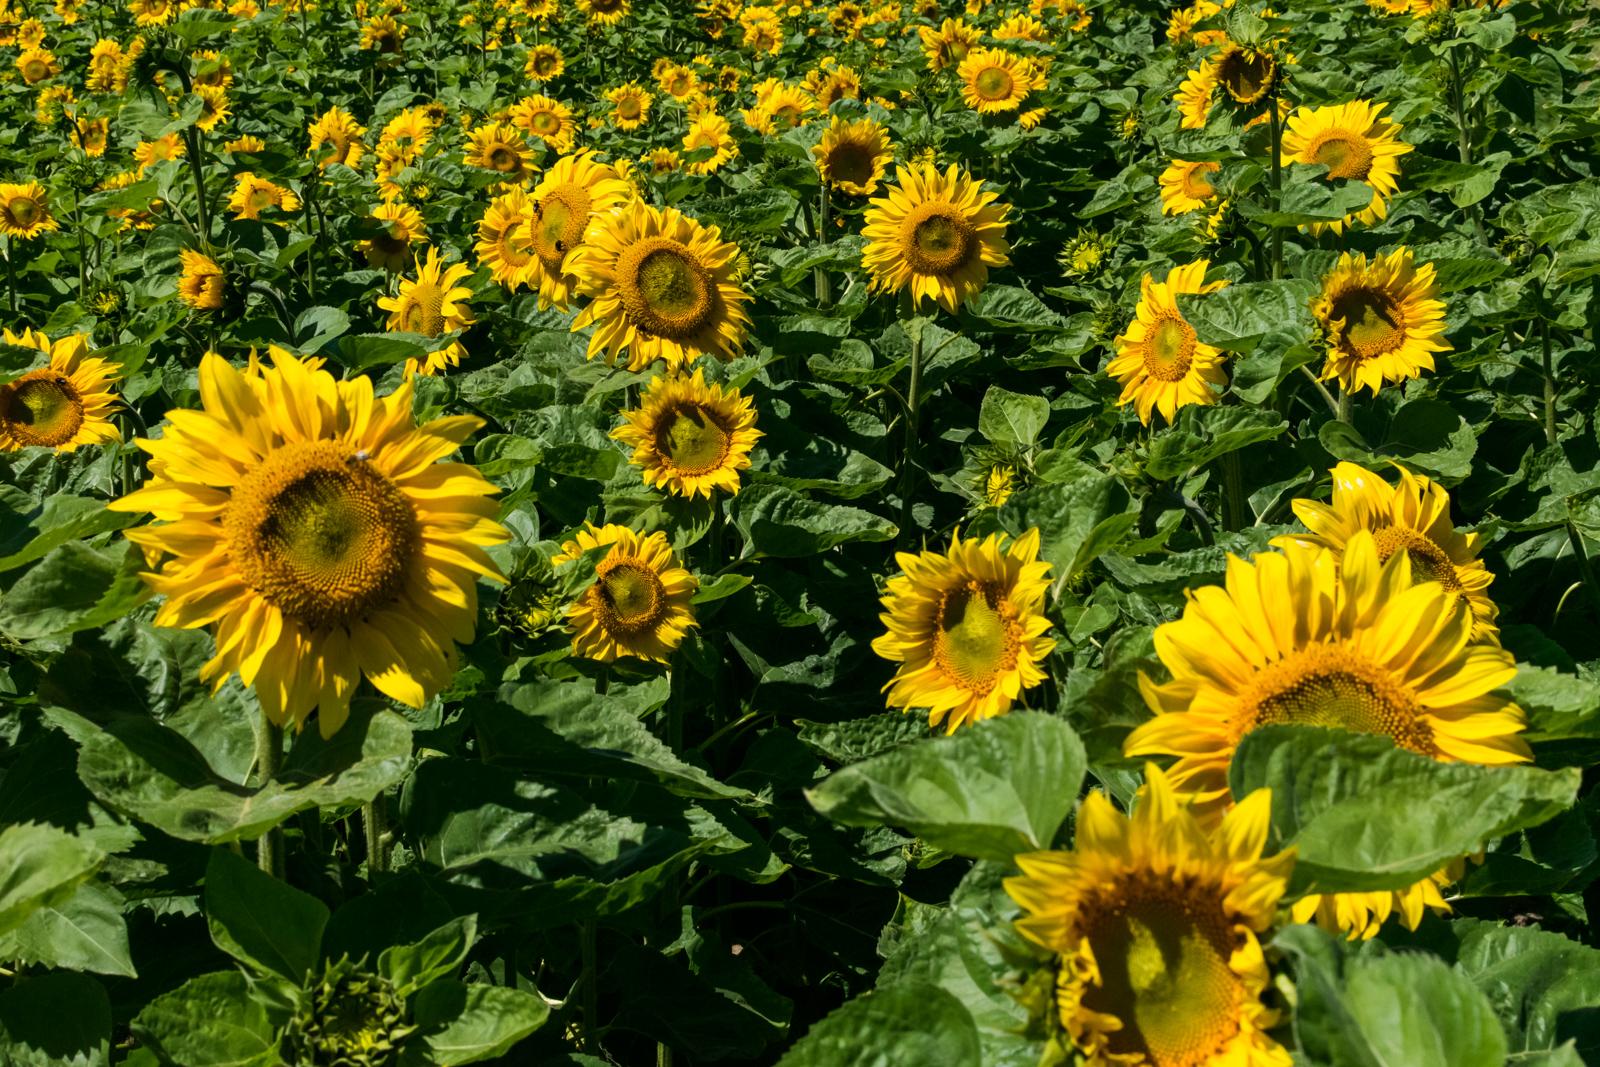 Riesige Sonnenblumen in voller Pracht direkt neben dem Biergarten Kugleralm